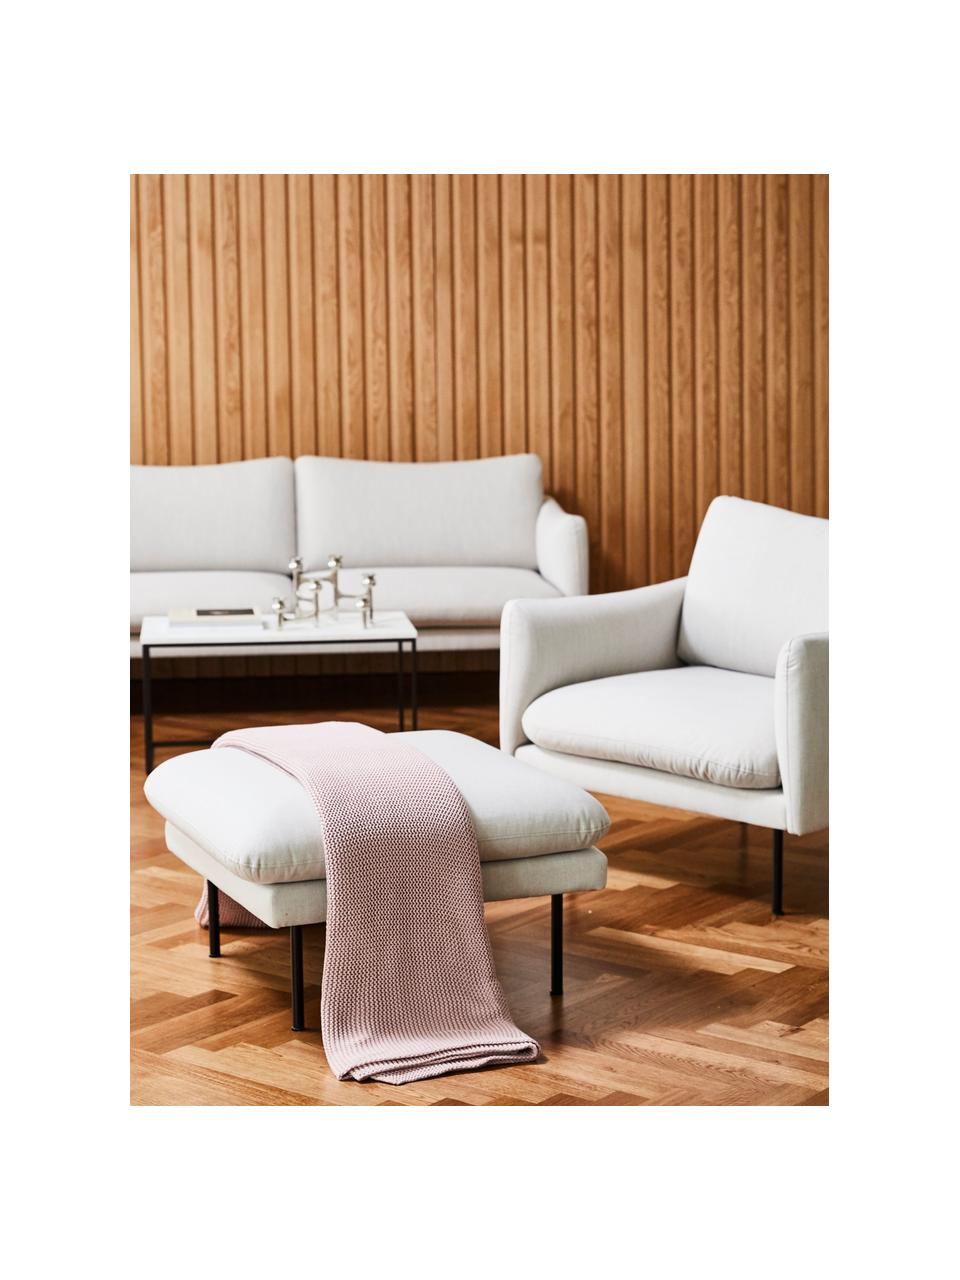 Poggiapiedi da divano in tessuto beige Moby, Rivestimento: poliestere Con 60.000 cic, Struttura: legno di pino massiccio, Piedini: metallo verniciato a polv, Tessuto beige, Larg. 78 x Alt. 48 cm